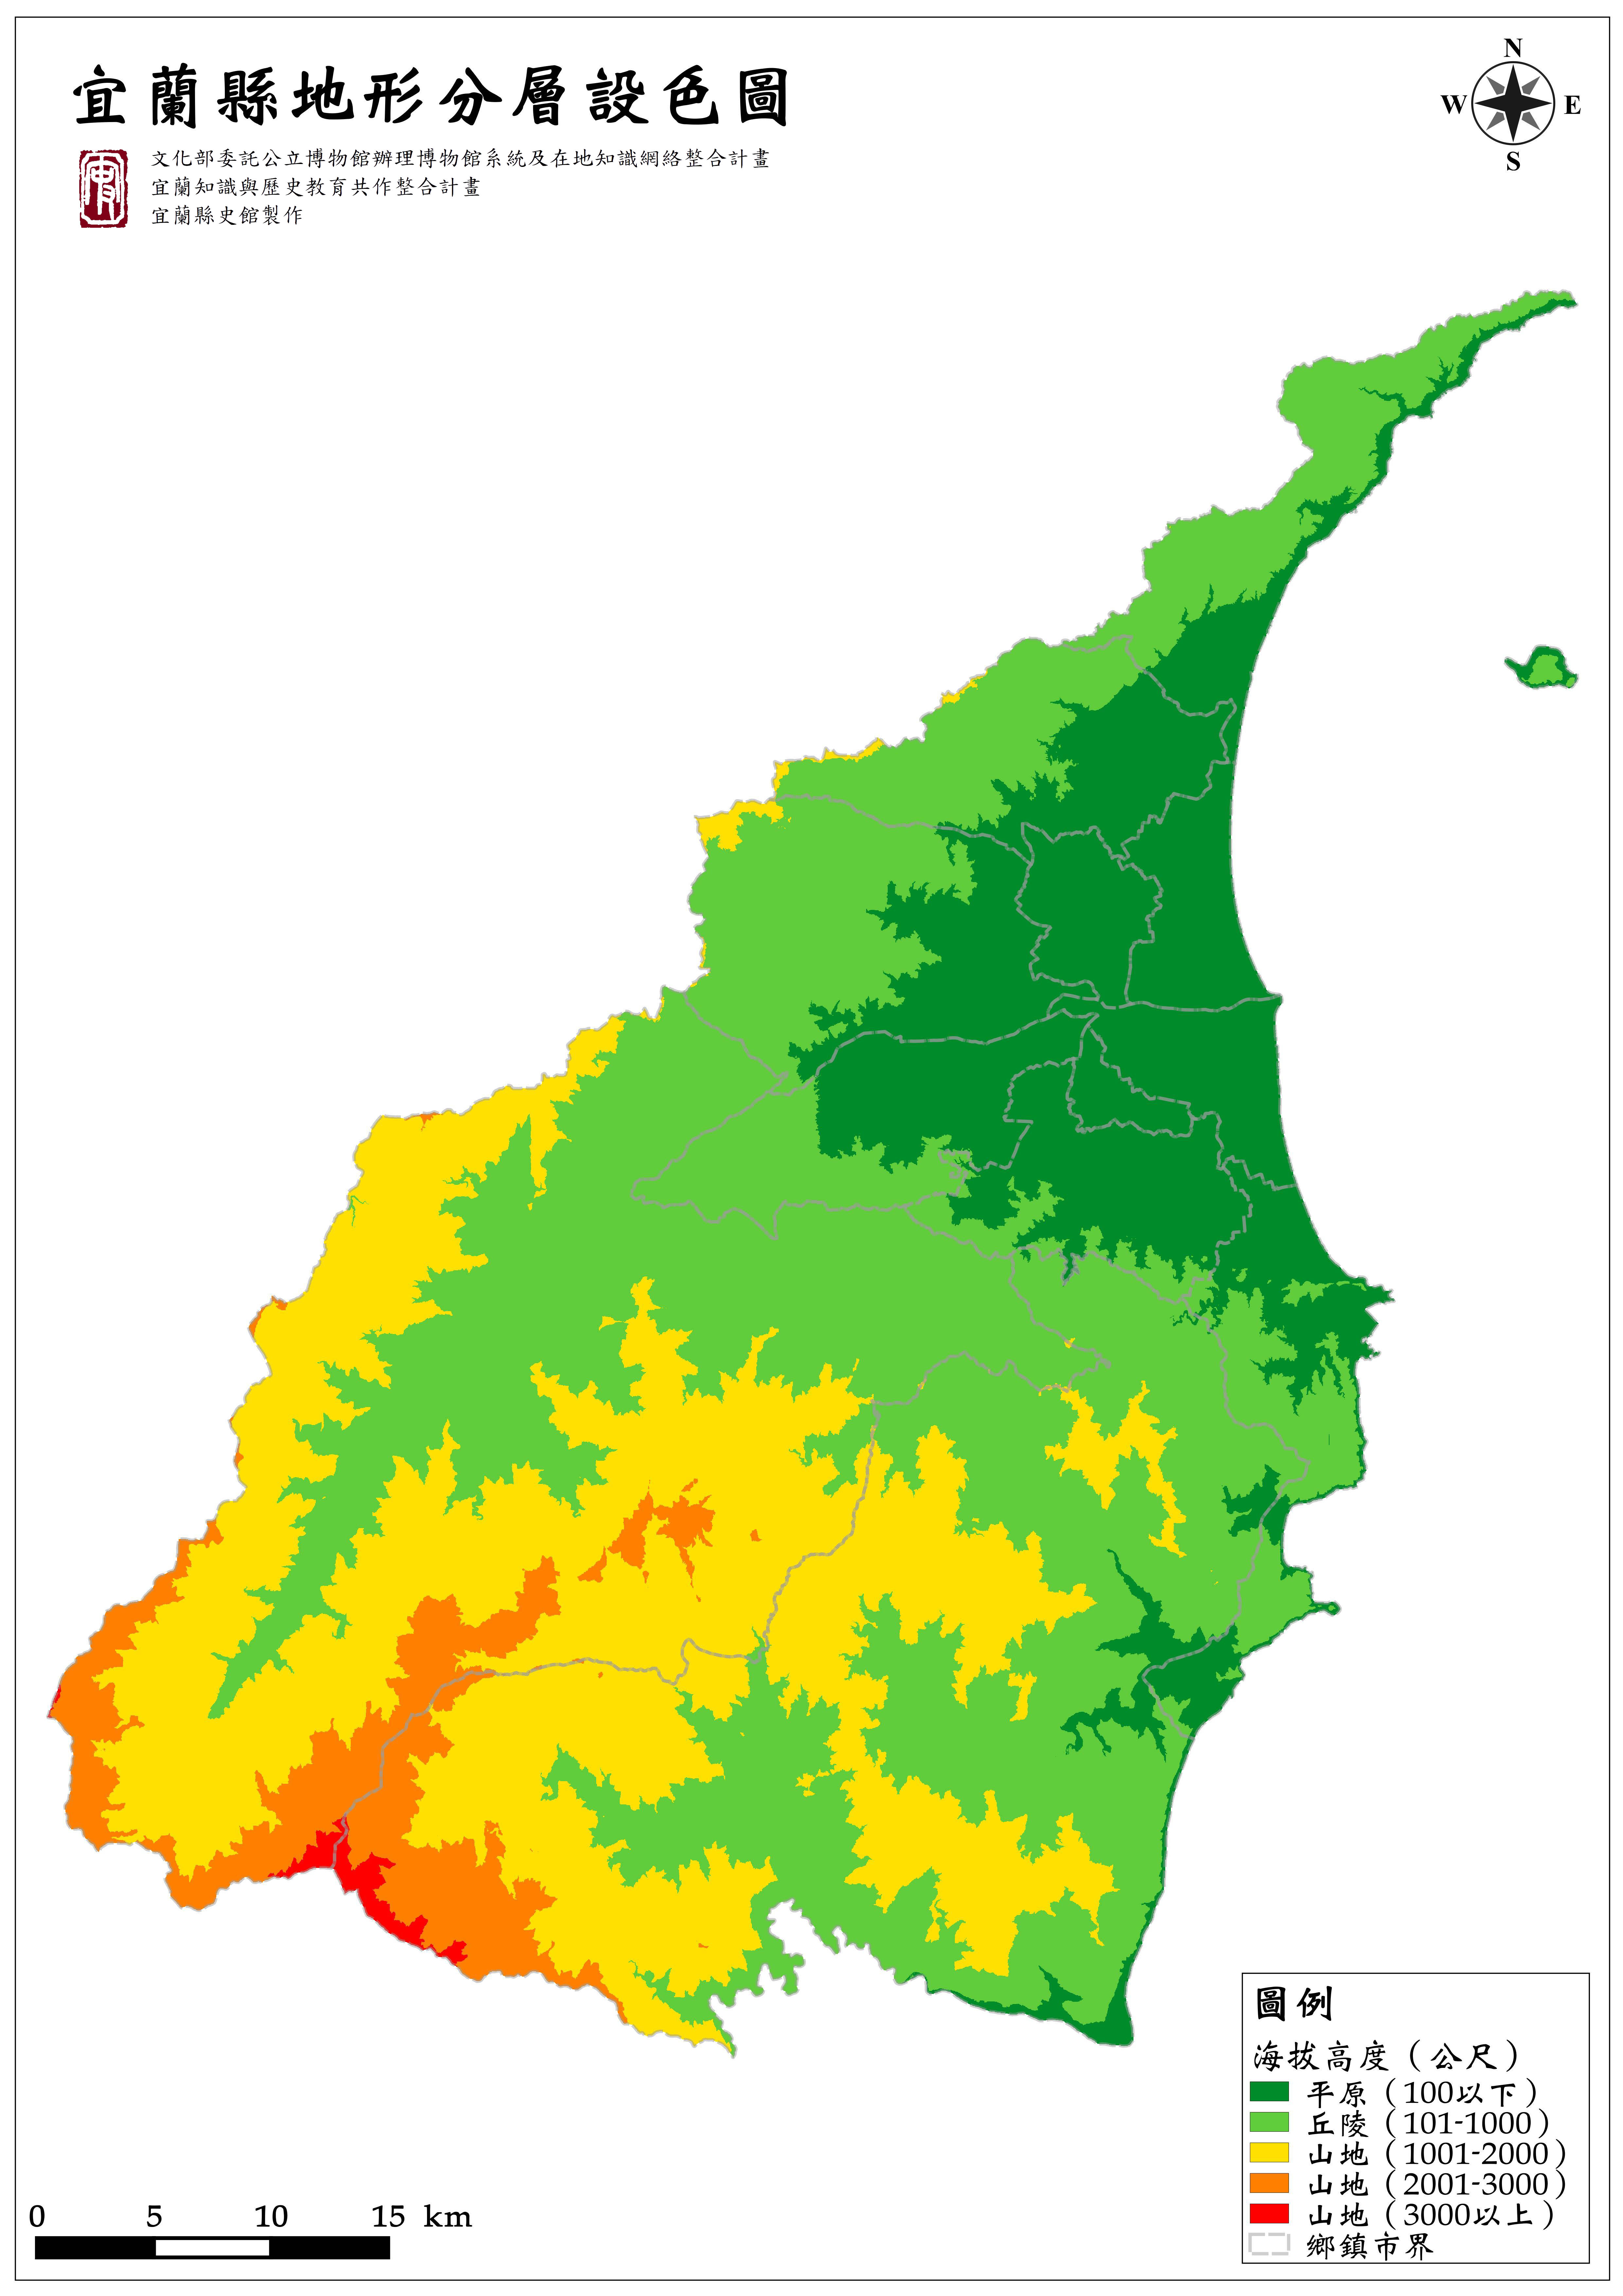 宜蘭縣地形分層設色圖(含鄉鎮界線)